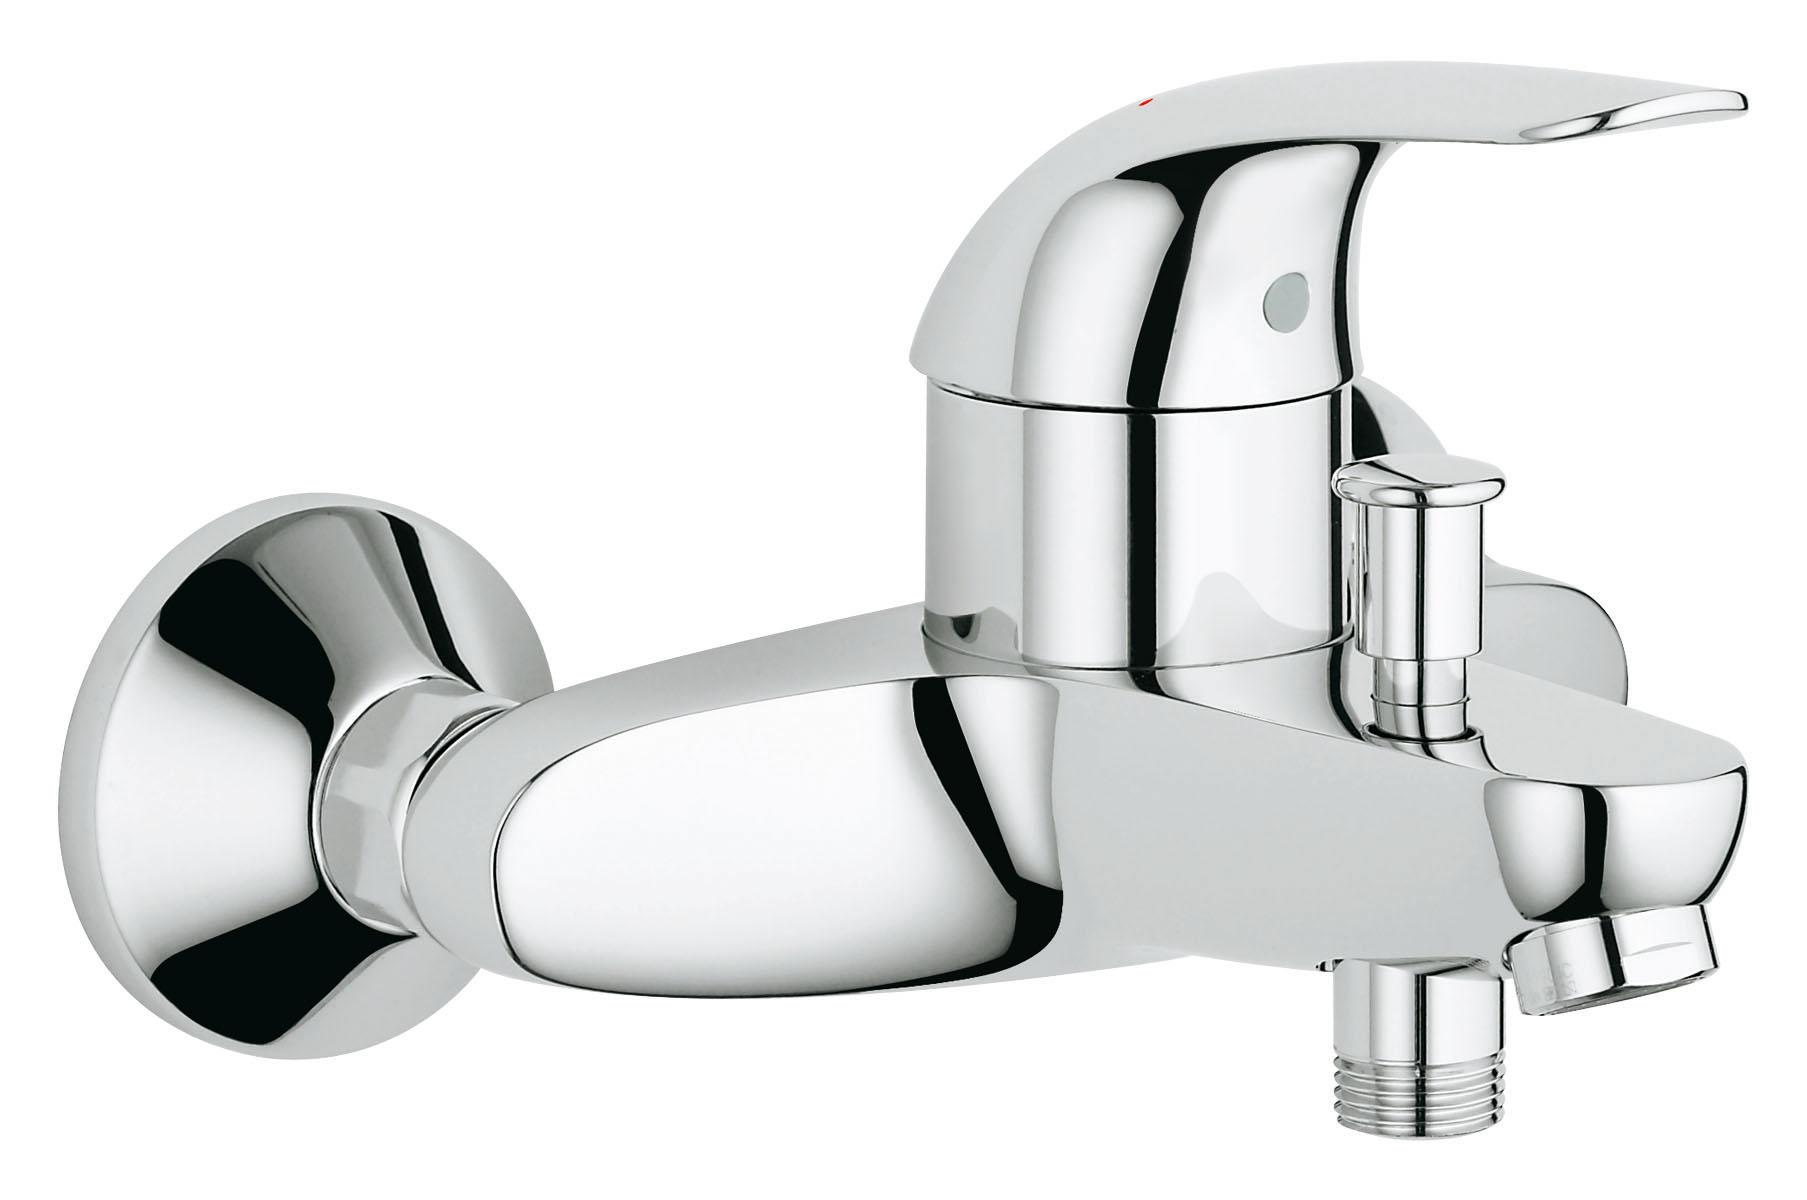 Смеситель для ванны GROHE Euroeco (32743000)32743000Настенный монтаж Металлический рычаг GROHE SilkMove керамический картридж O 46 мм GROHE StarLight хромированная поверхностьАвтоматический переключатель: ванна/душ Встроенный обратный клапан в душевом отводе 1/2? Аэратор Скрытые S-образные эксцентрики Отражатели из металла Дополнительный ограничитель температуры (46 308 000) С защитой от обратного потока Класс шума I по DIN 4109 Видео по установке является исключительно информационным. Установка должна проводиться профессионалами!